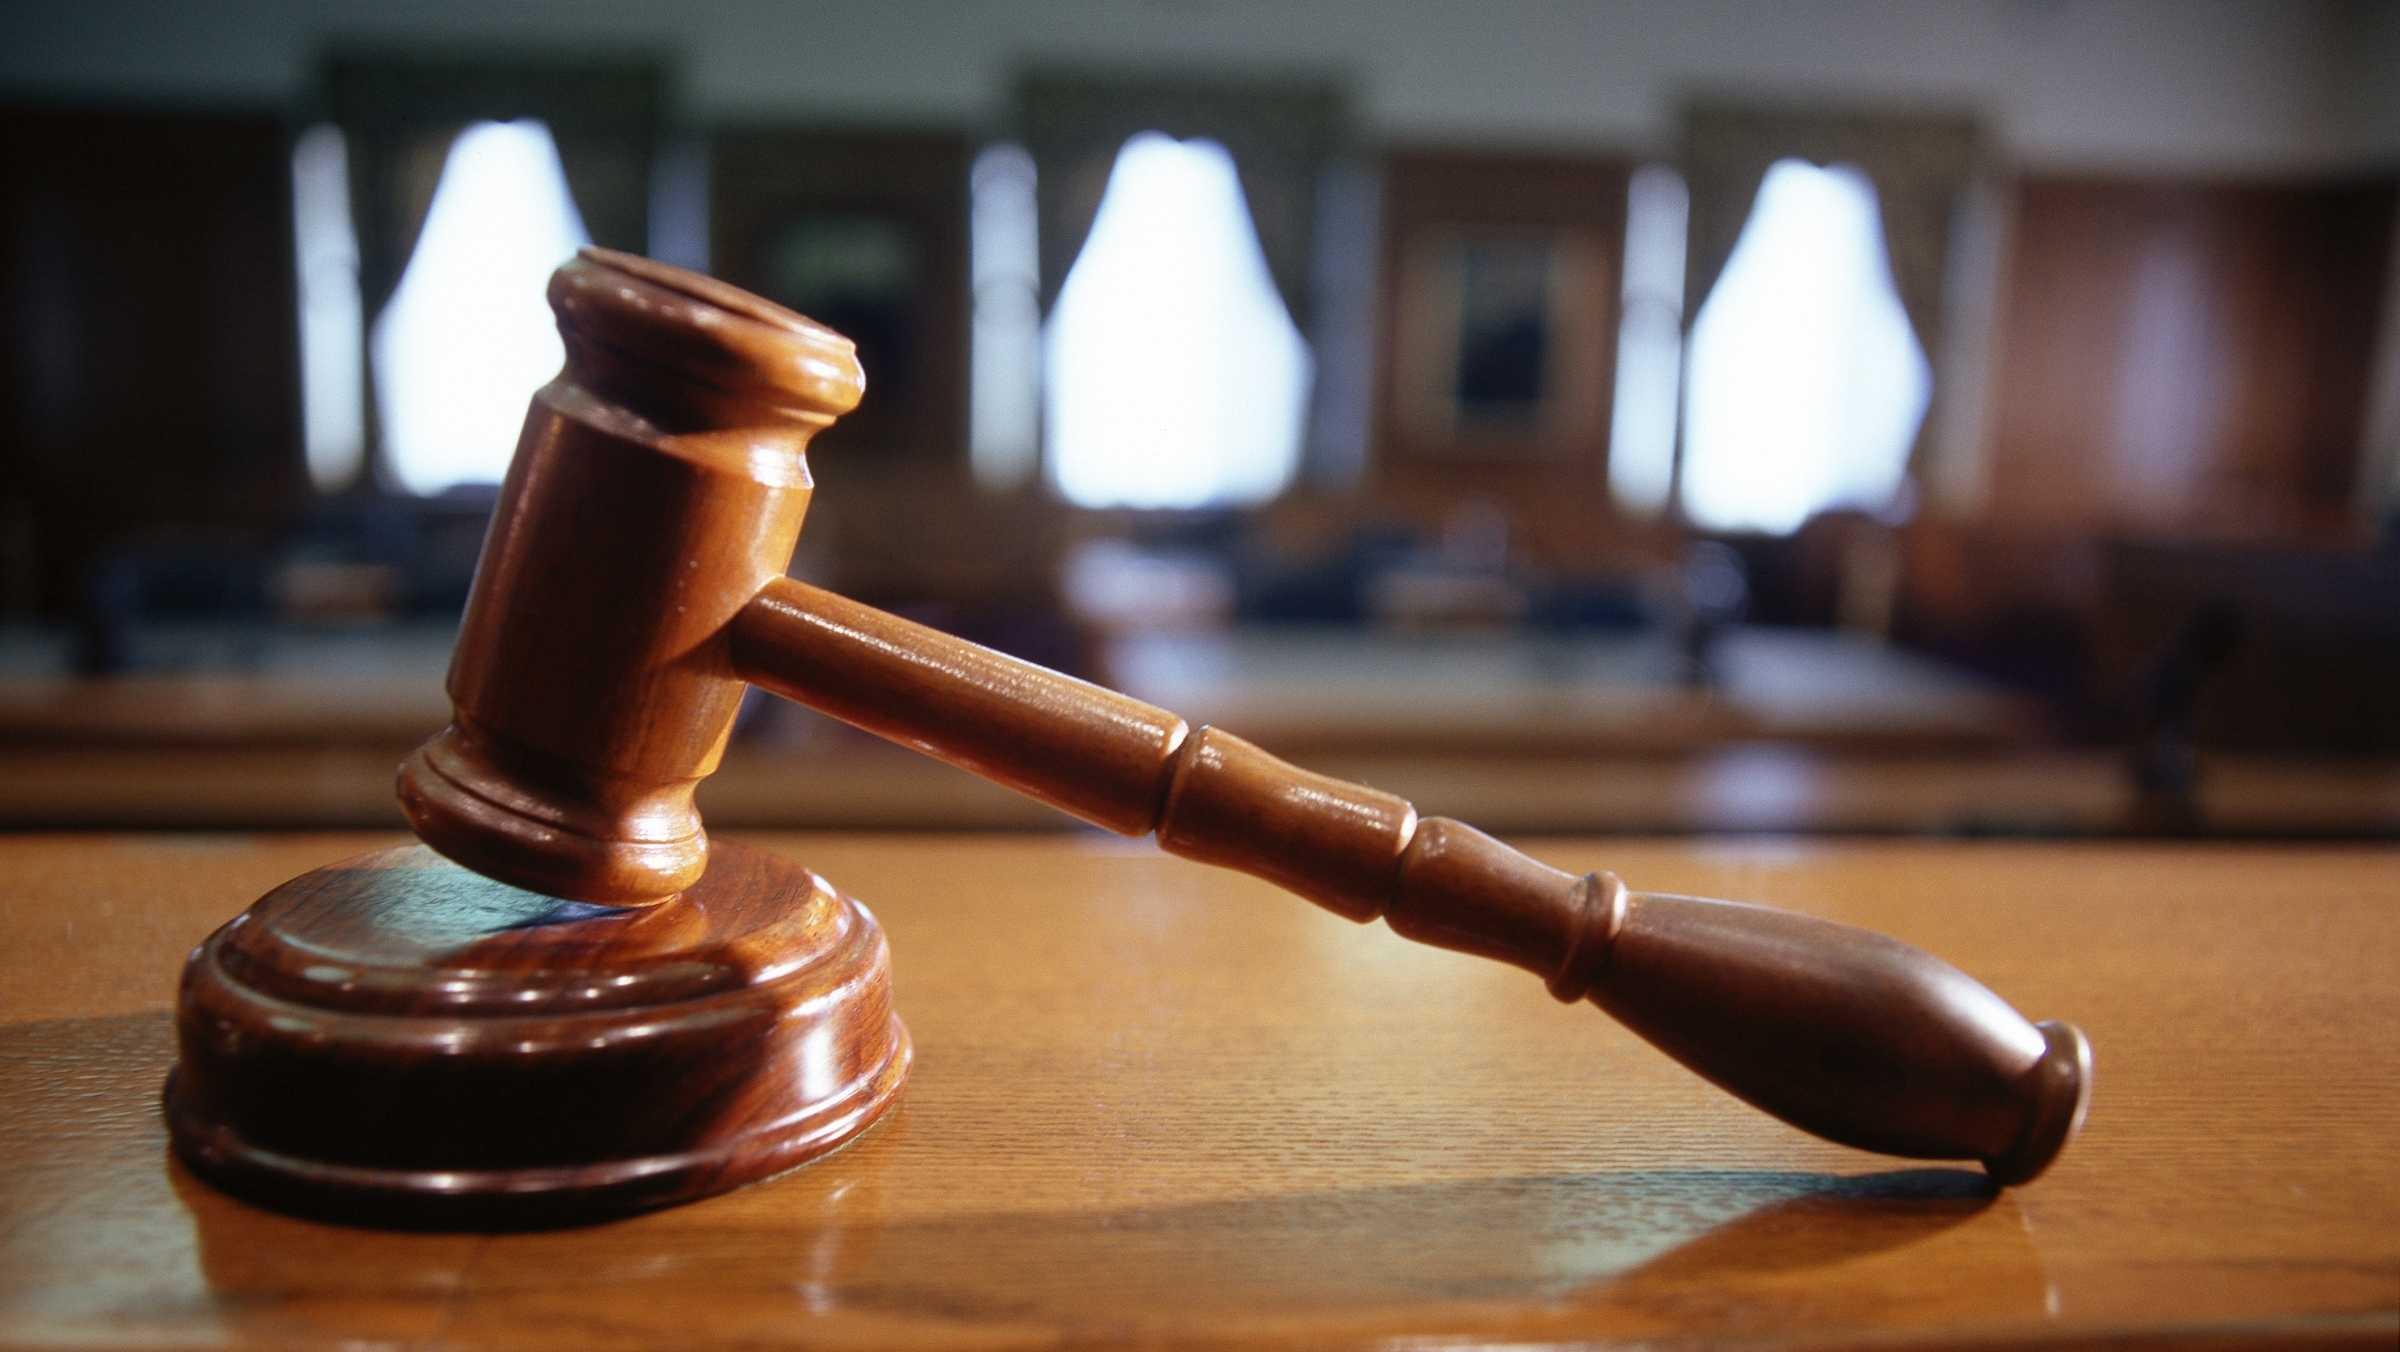 REINVIE SECURITATEA, CU ACTE-N REGULA? <b>Sistemul judiciar romanesc – pe cale de a fi subjugat total de noua putere unica, a SERVICIILOR SECRETE</b>